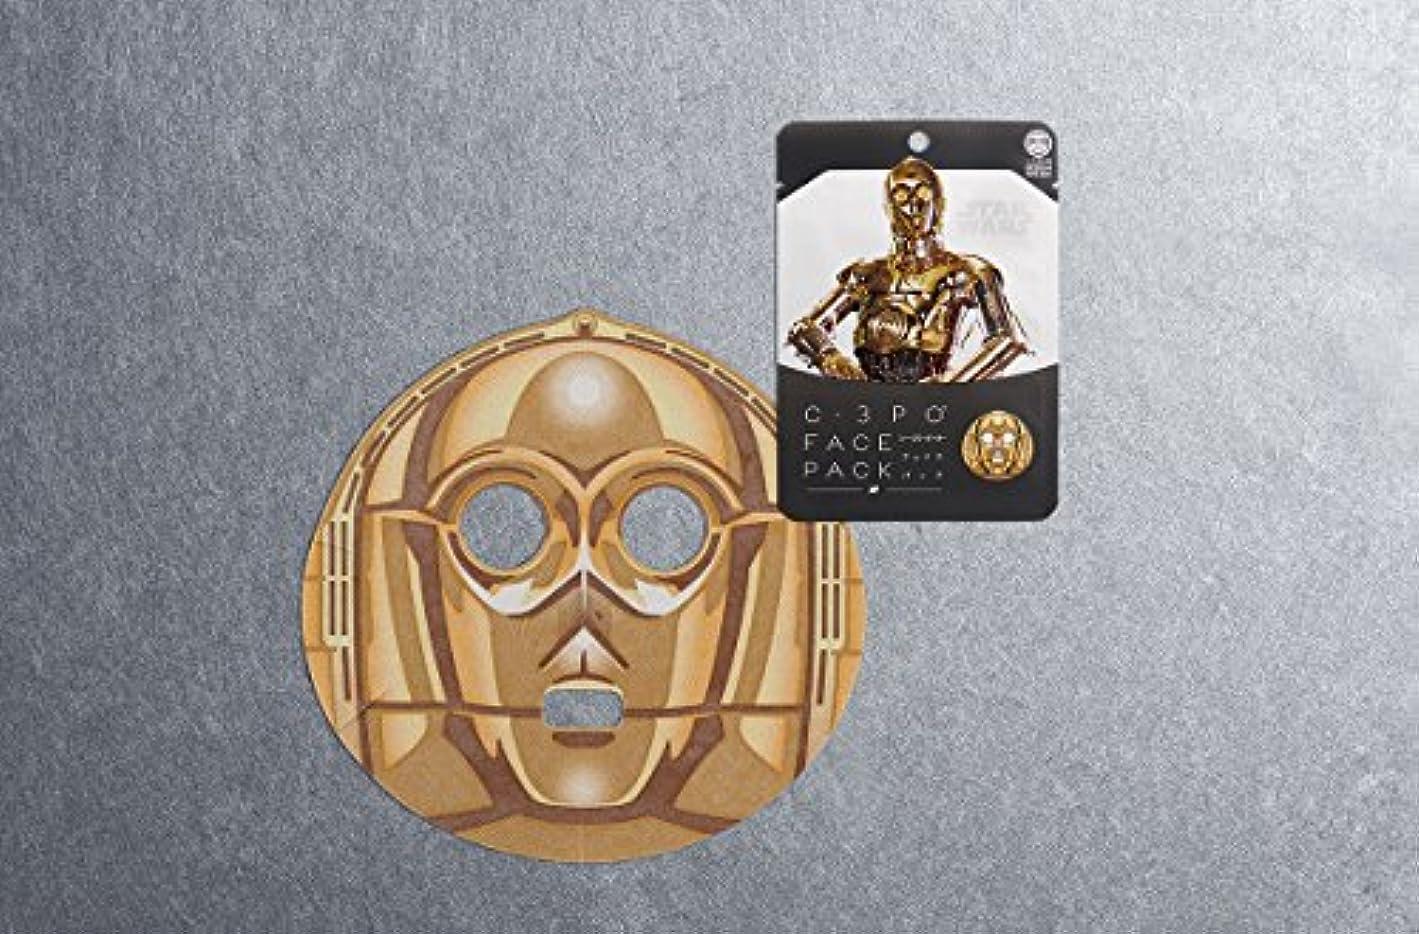 自発マージンドキュメンタリーターウォーズフェイスパック 「C-3PO」